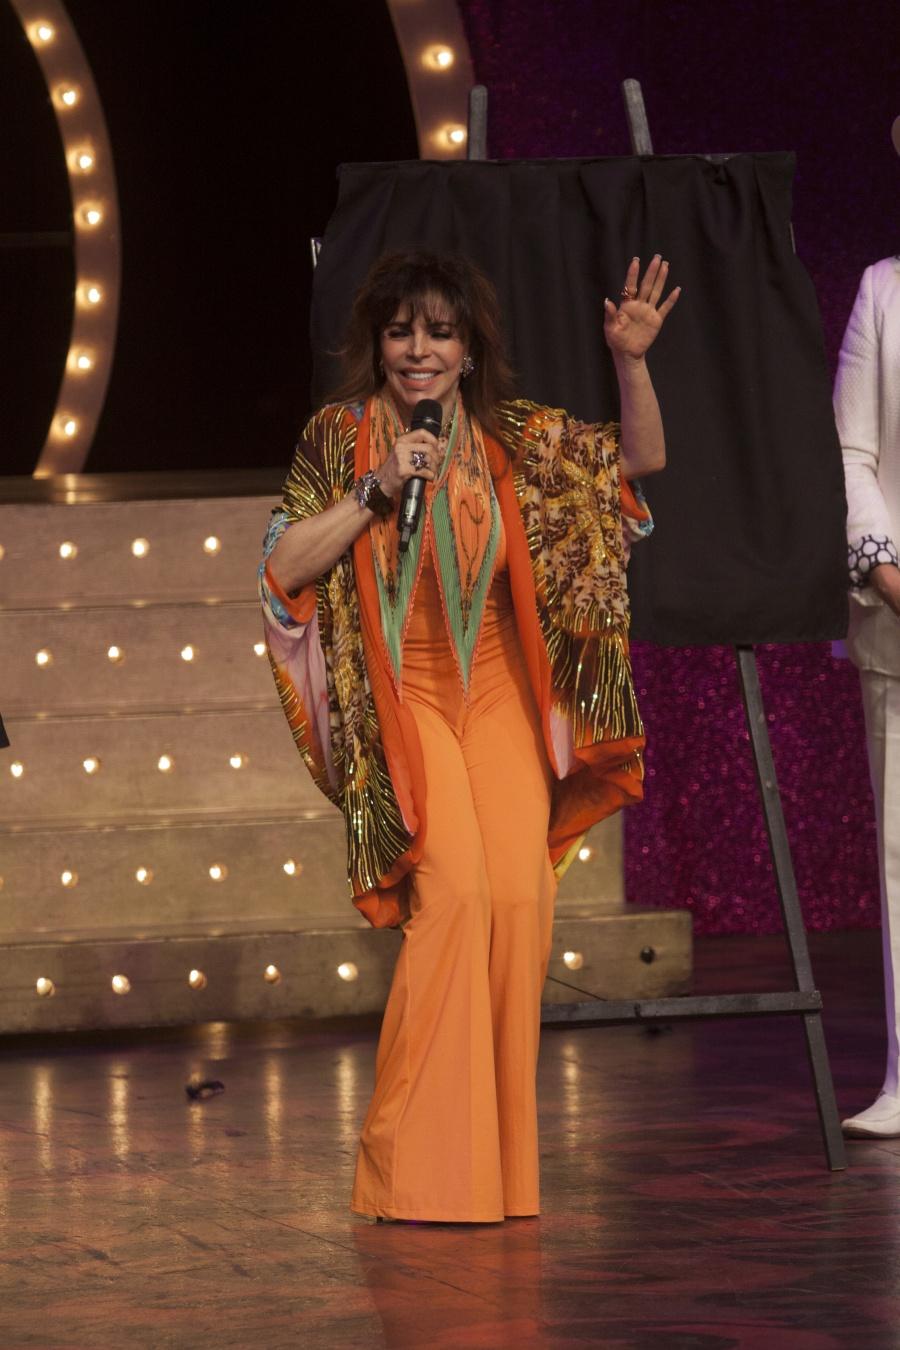 Verónica Castro anunció su retiro del mundo del espectáculo